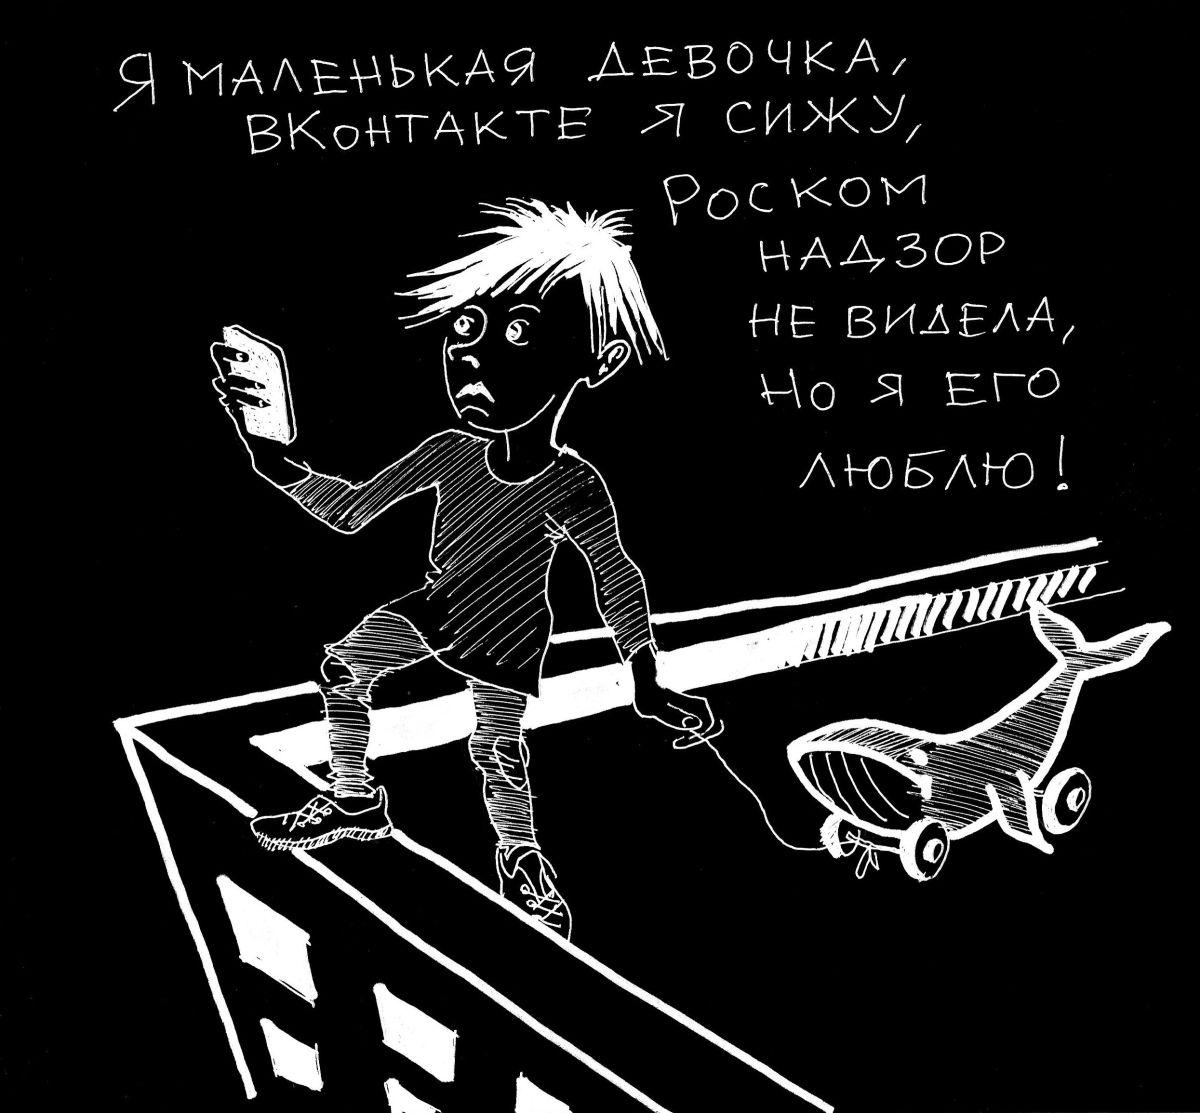 Любовь к роскомнадзору © Виктор Корб, 2016